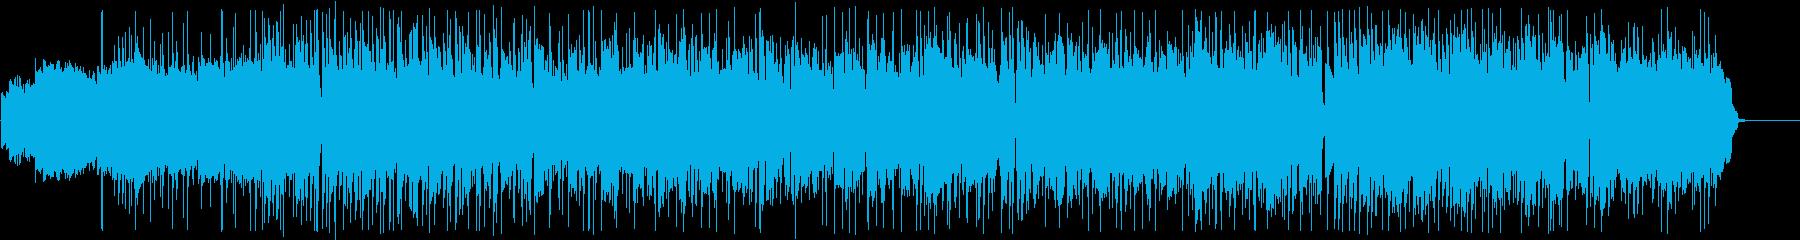 ゆったりとしたファンクテイストギターの再生済みの波形